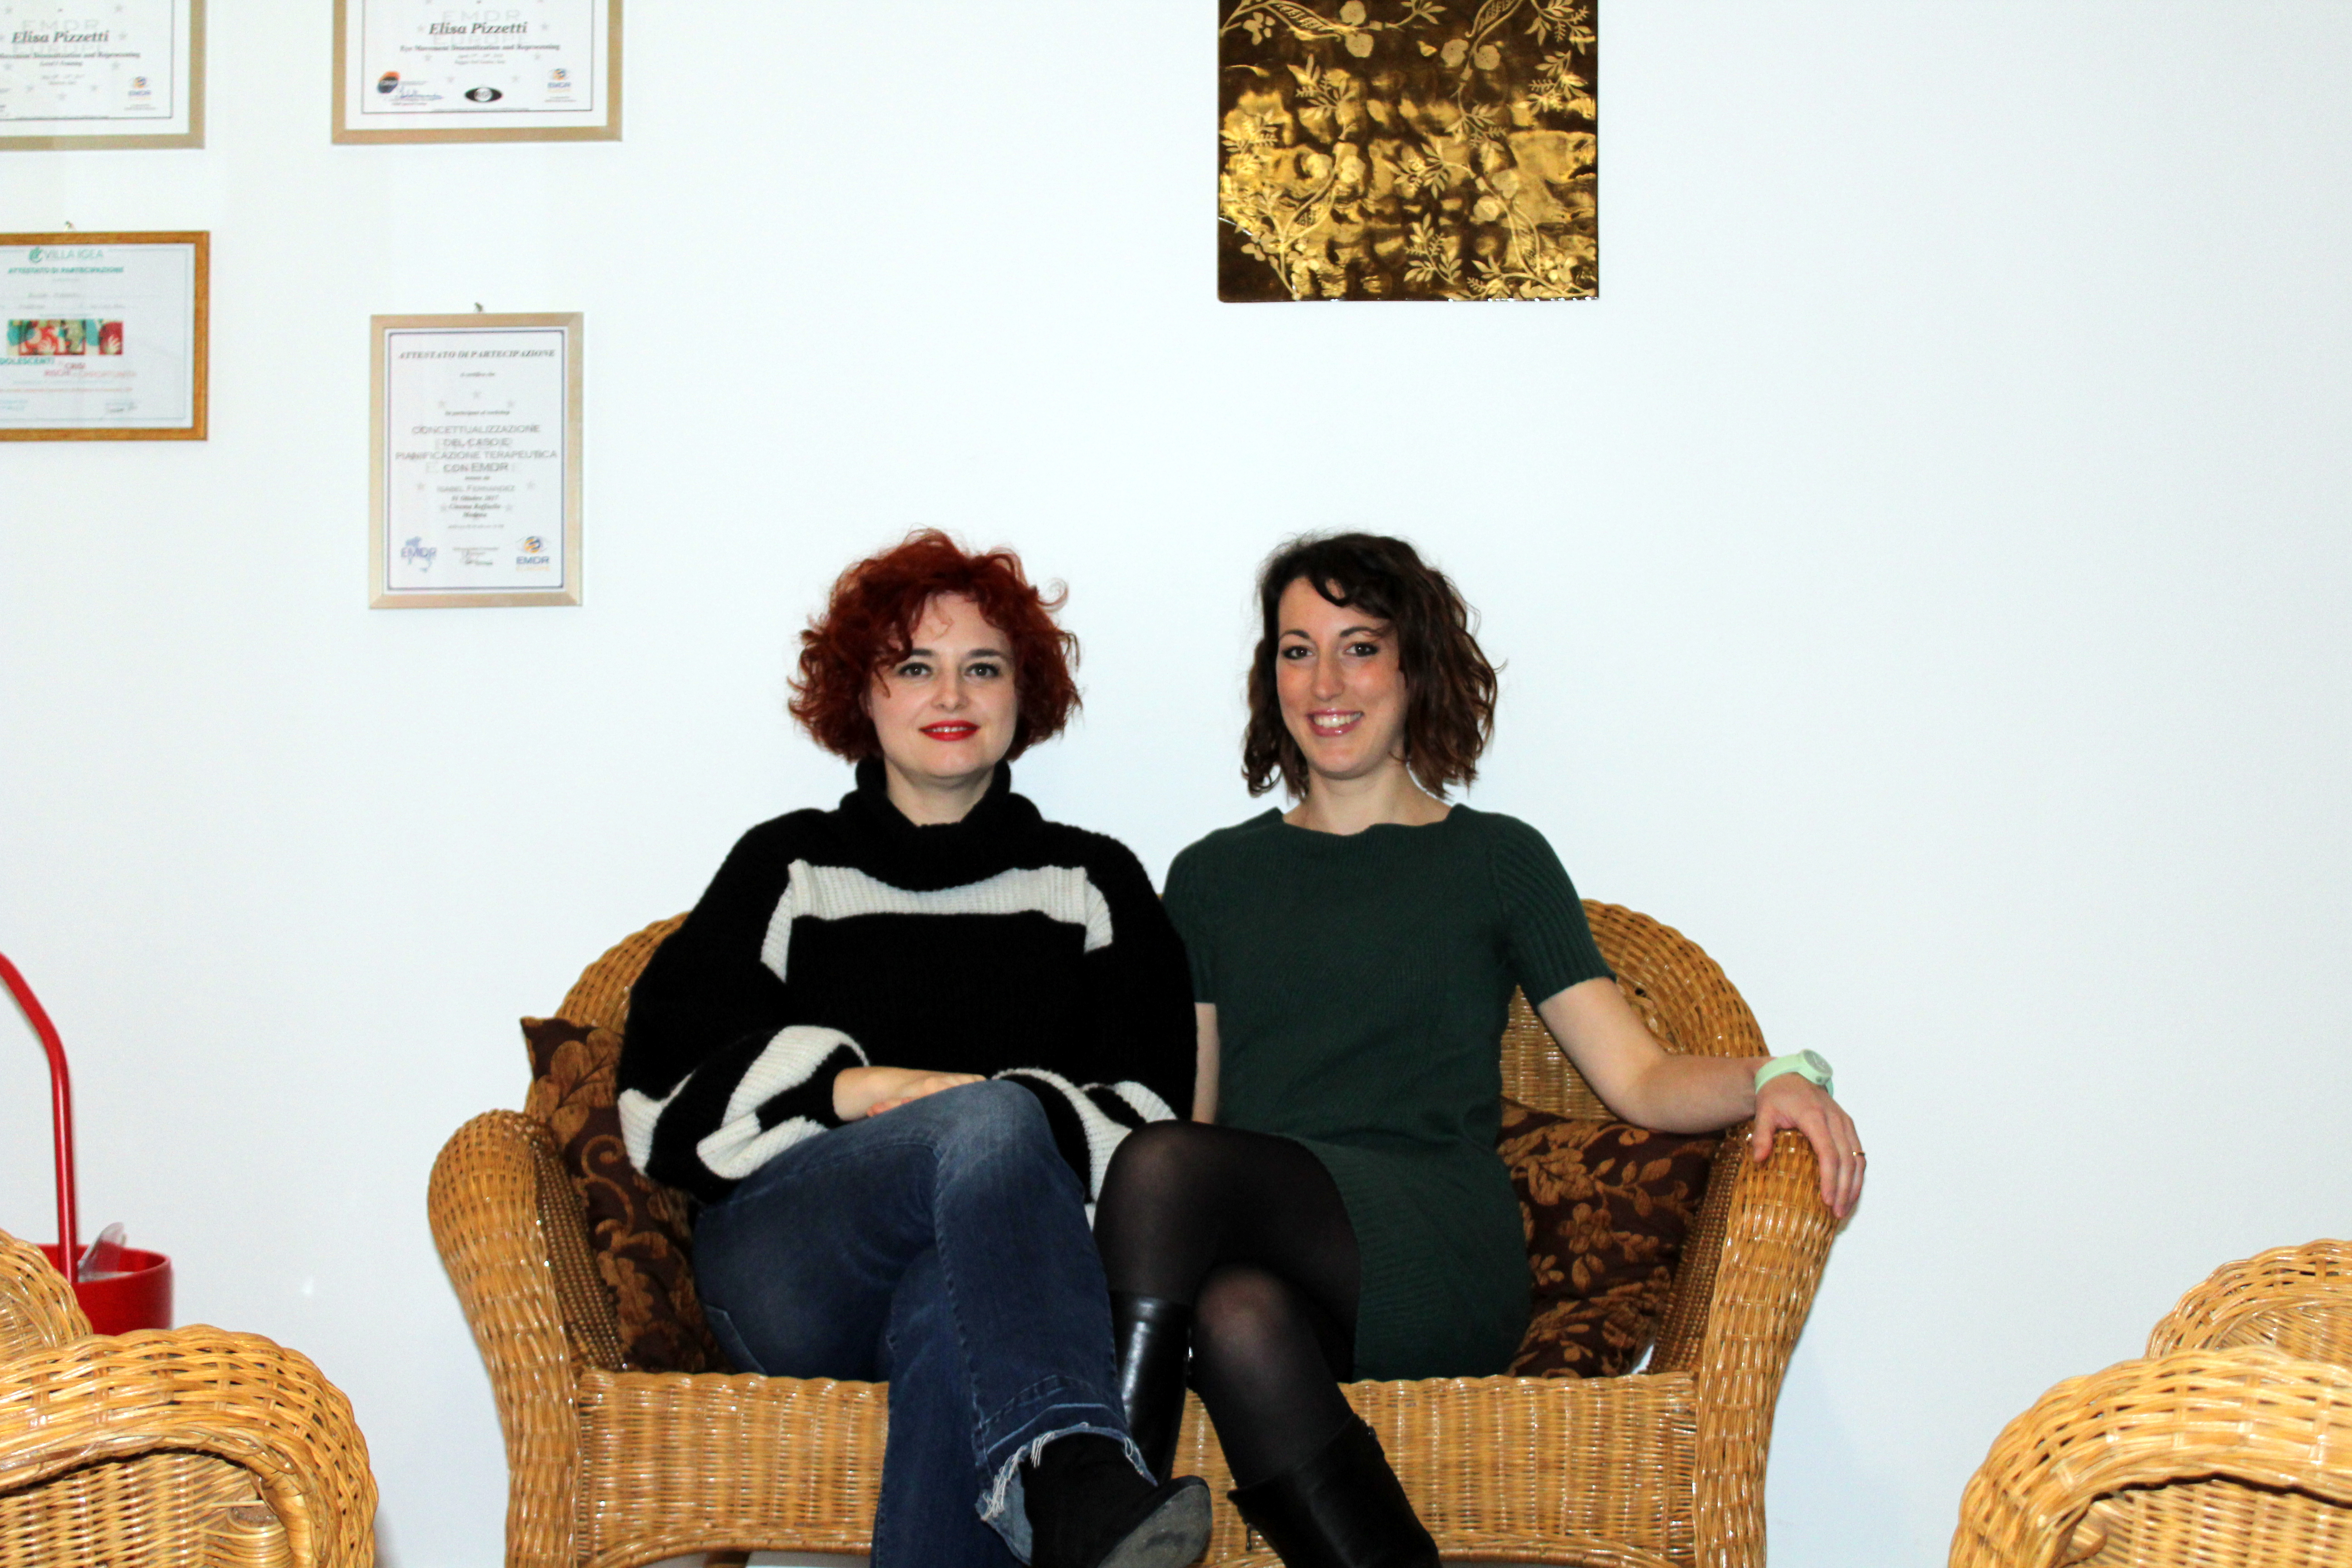 D.sse Pizzetti e Bonettini